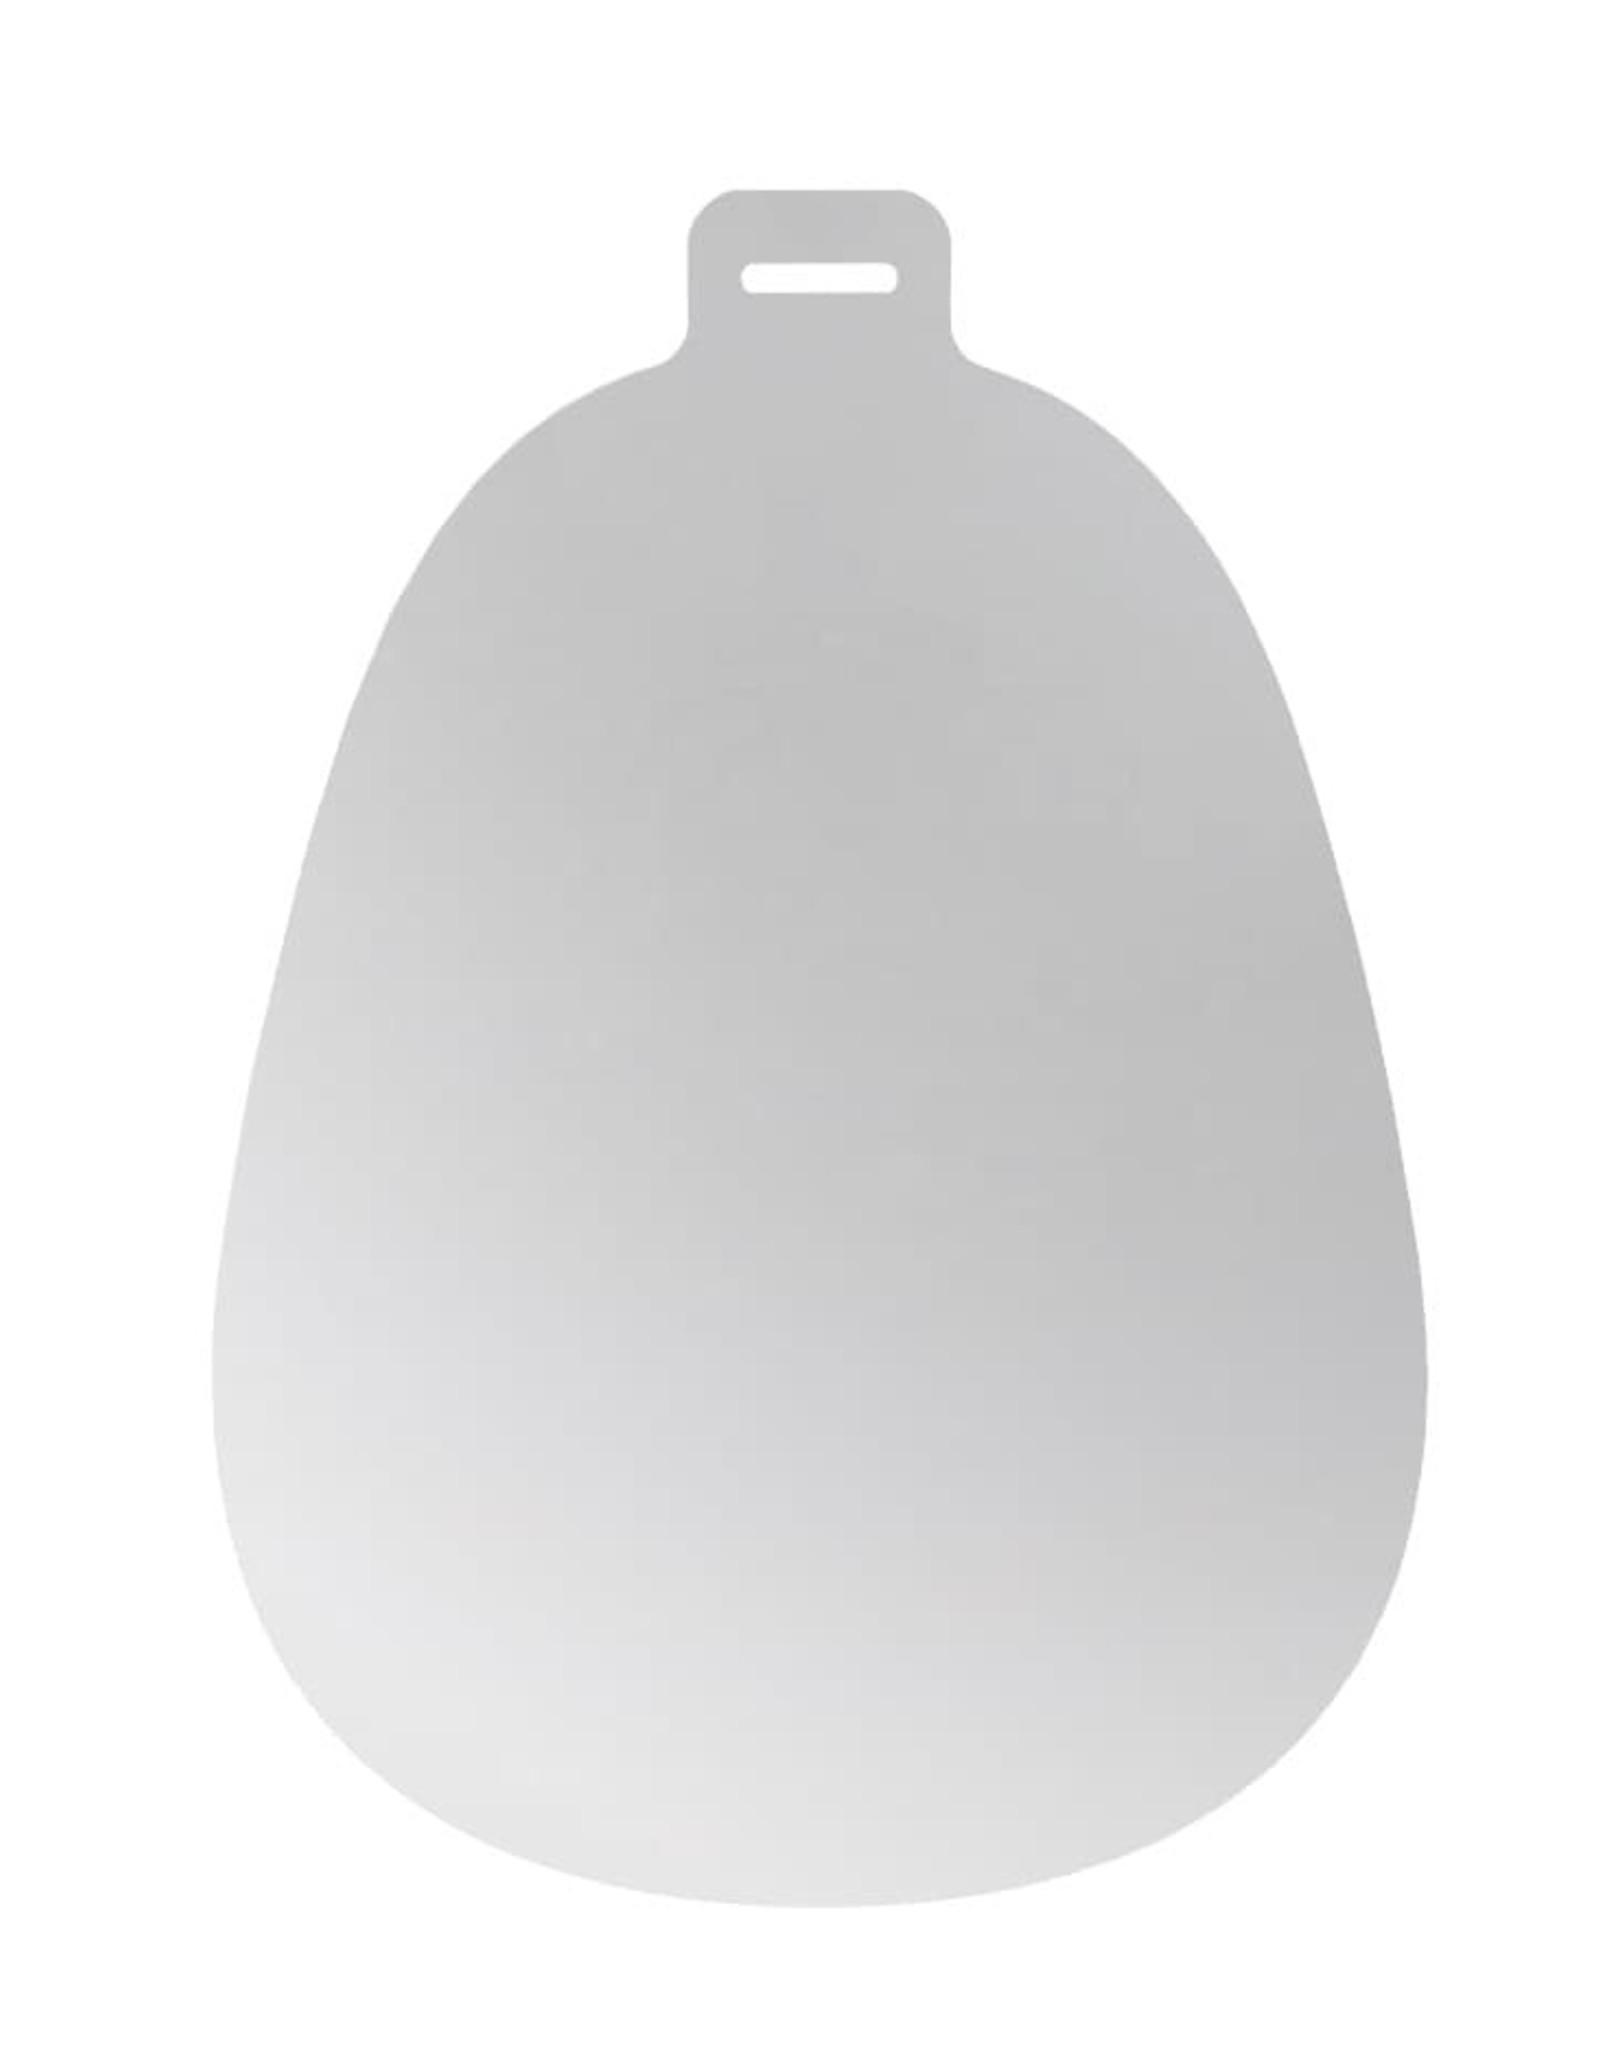 Tresxics Mirror Egg